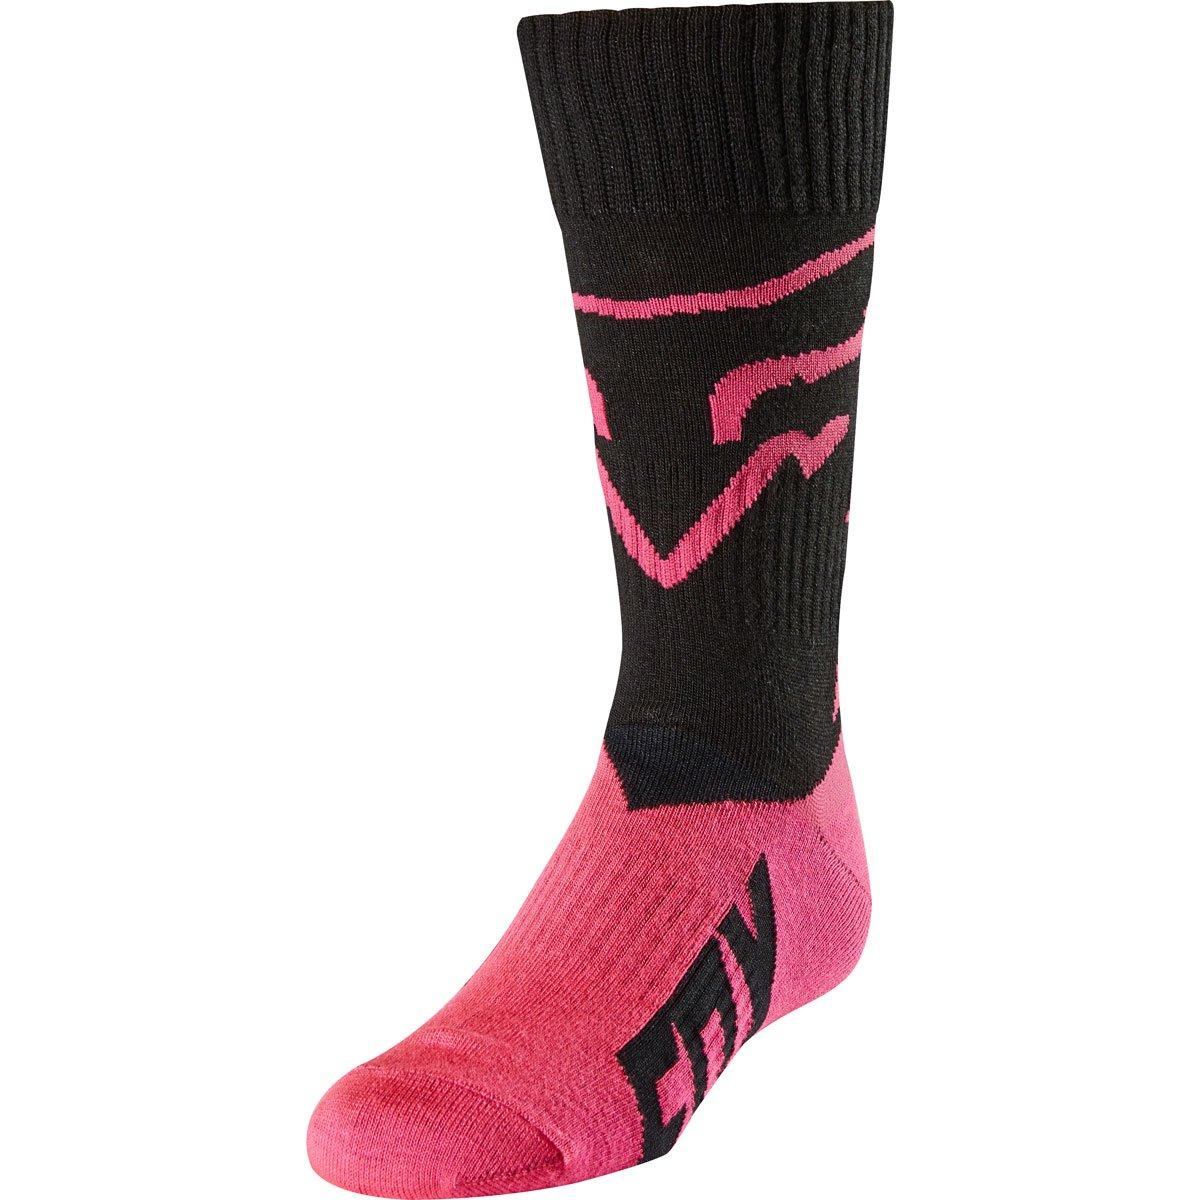 2018 Fox Racing Youth Mastar MX Socks-Black-YL